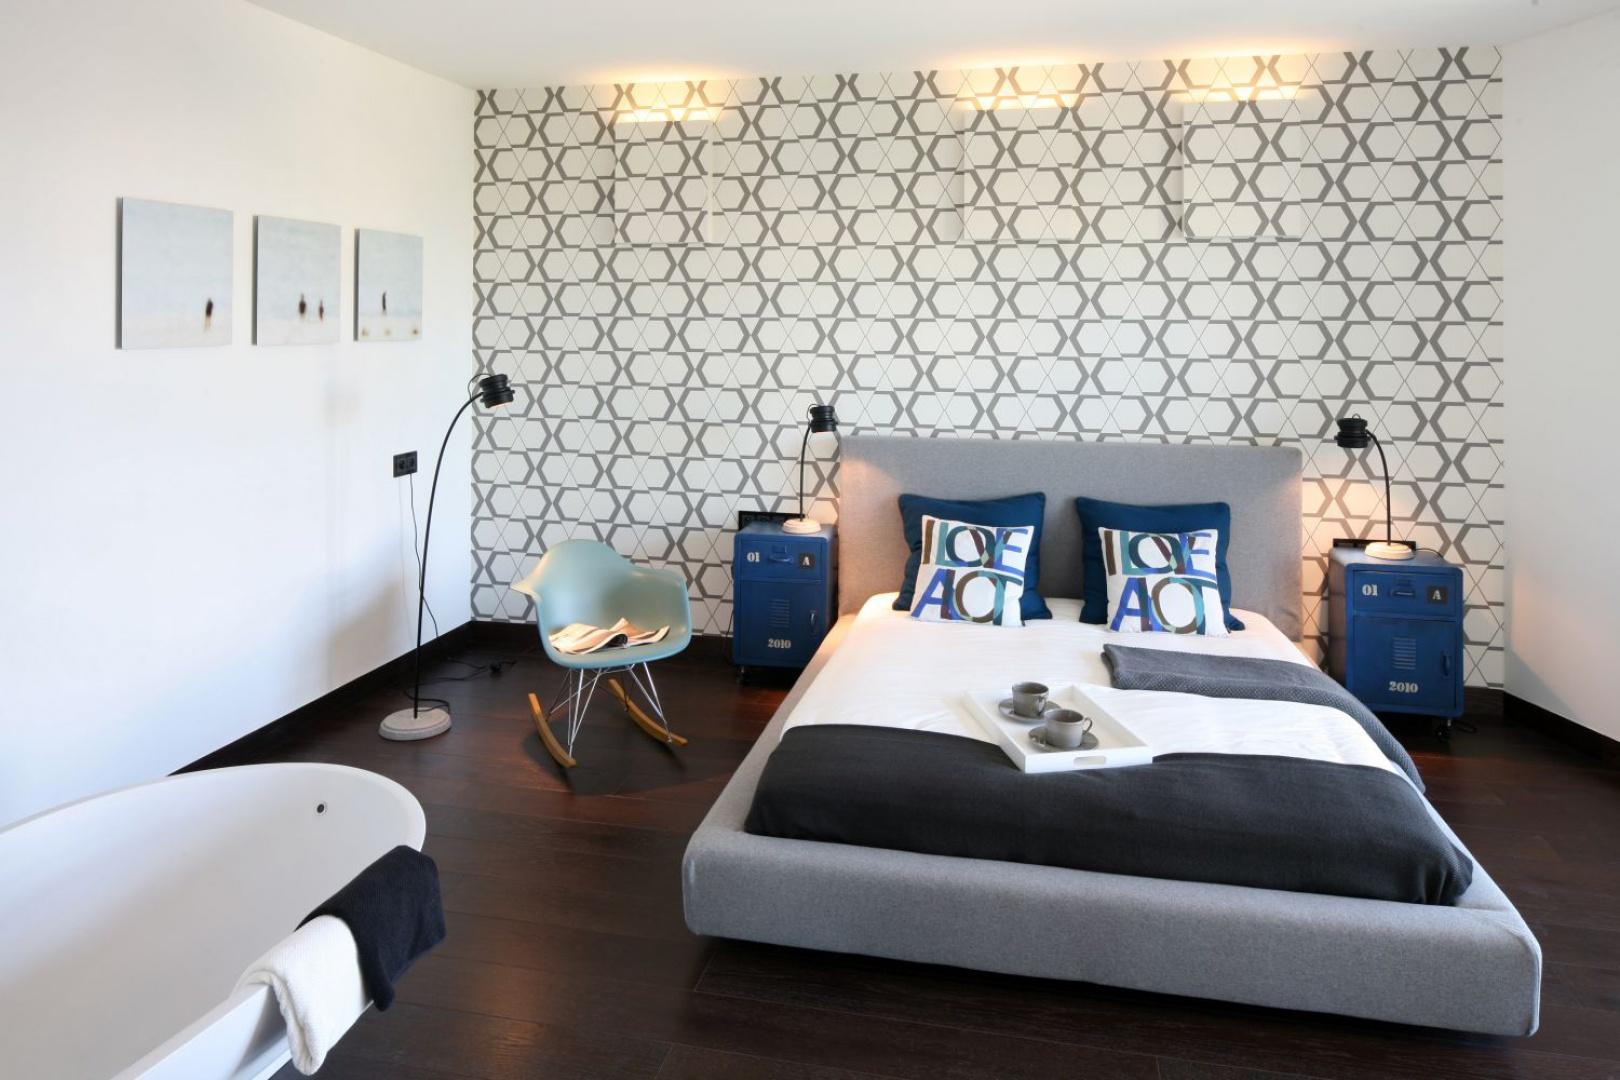 Przestronną sypialnię urządzono w stylu loft. Dominują tu szarości obecne zarówno na designerskie tapecie, jak i meblach i dodatkach. Projekt: Justyna Smolec. Fot. Bartosz Jarosz.